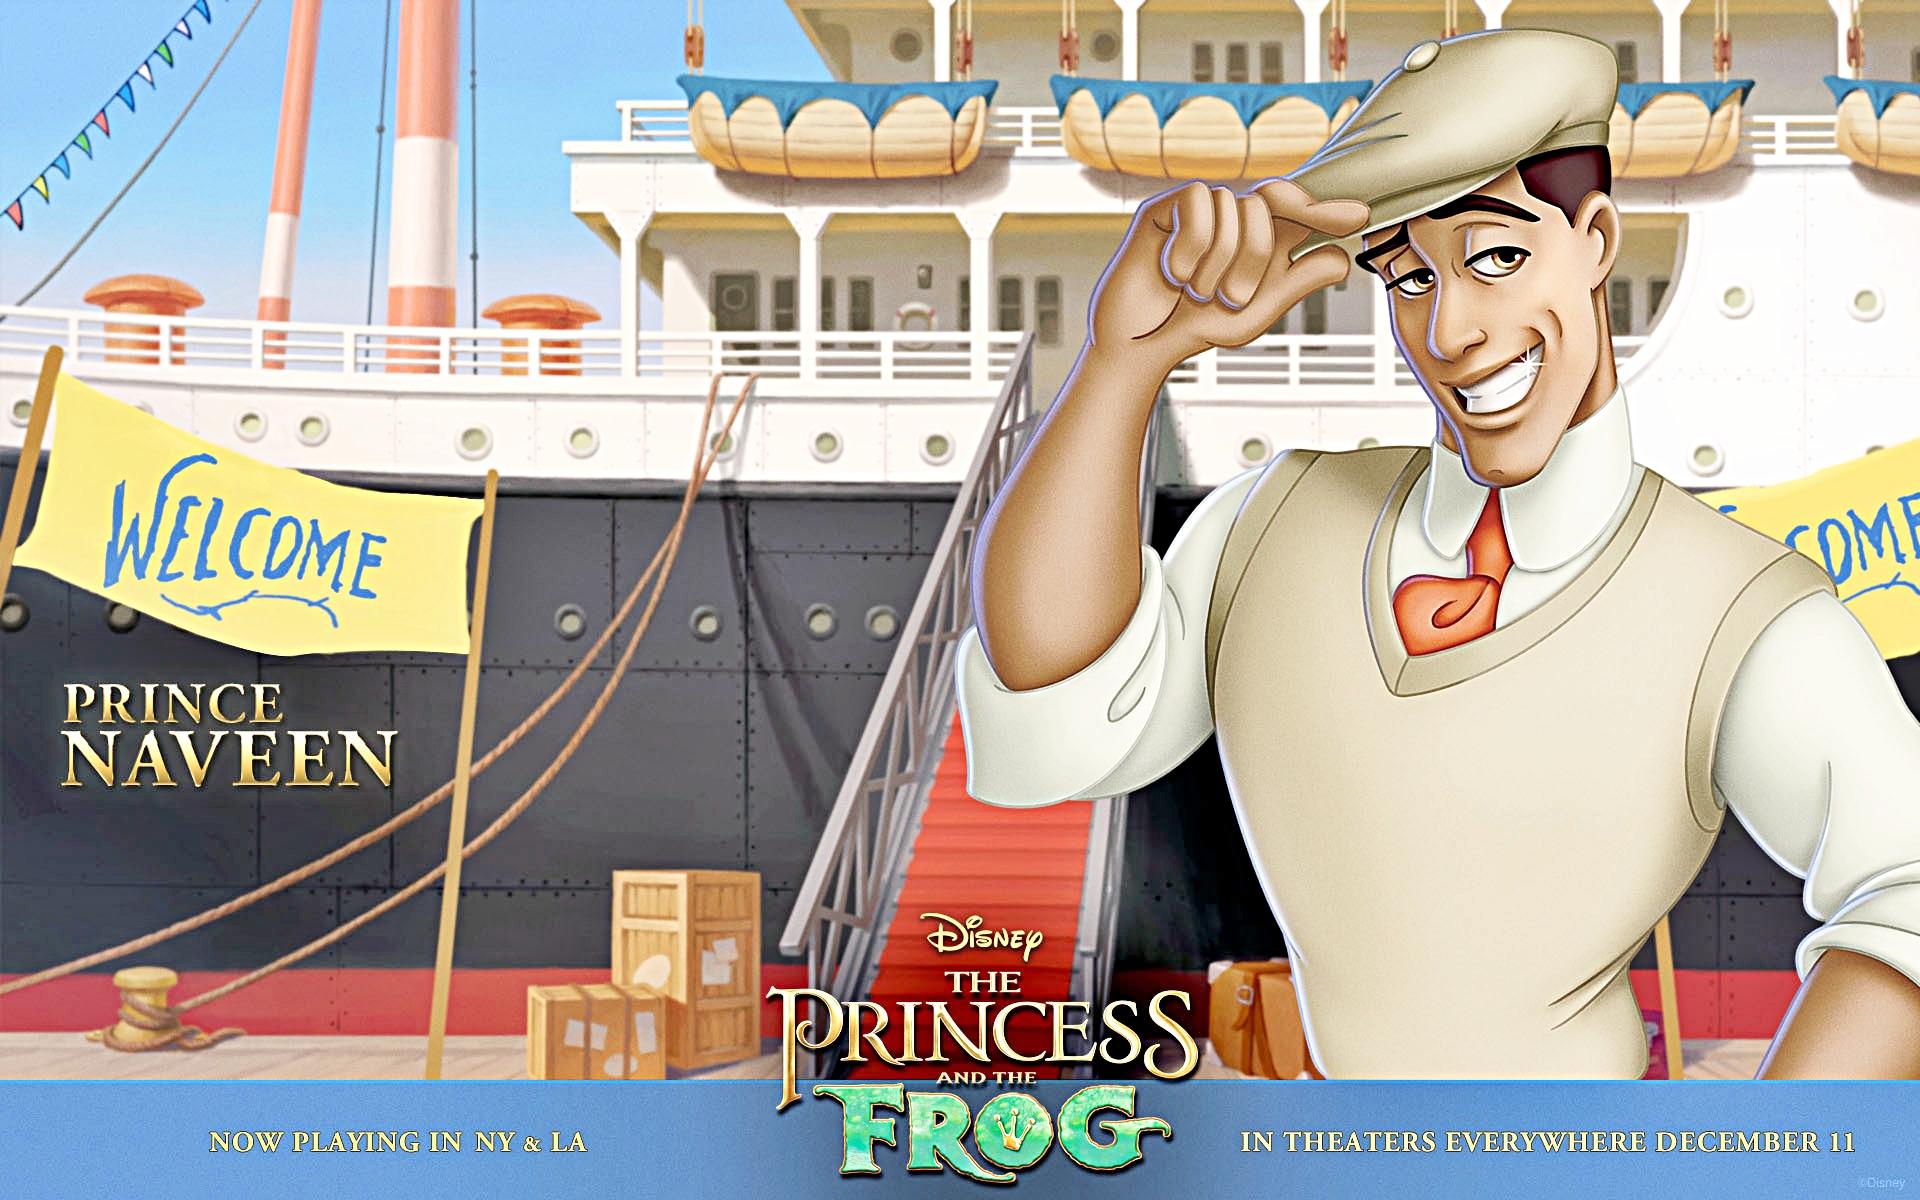 Walt Disney karatasi za kupamba ukuta - Prince Naveen